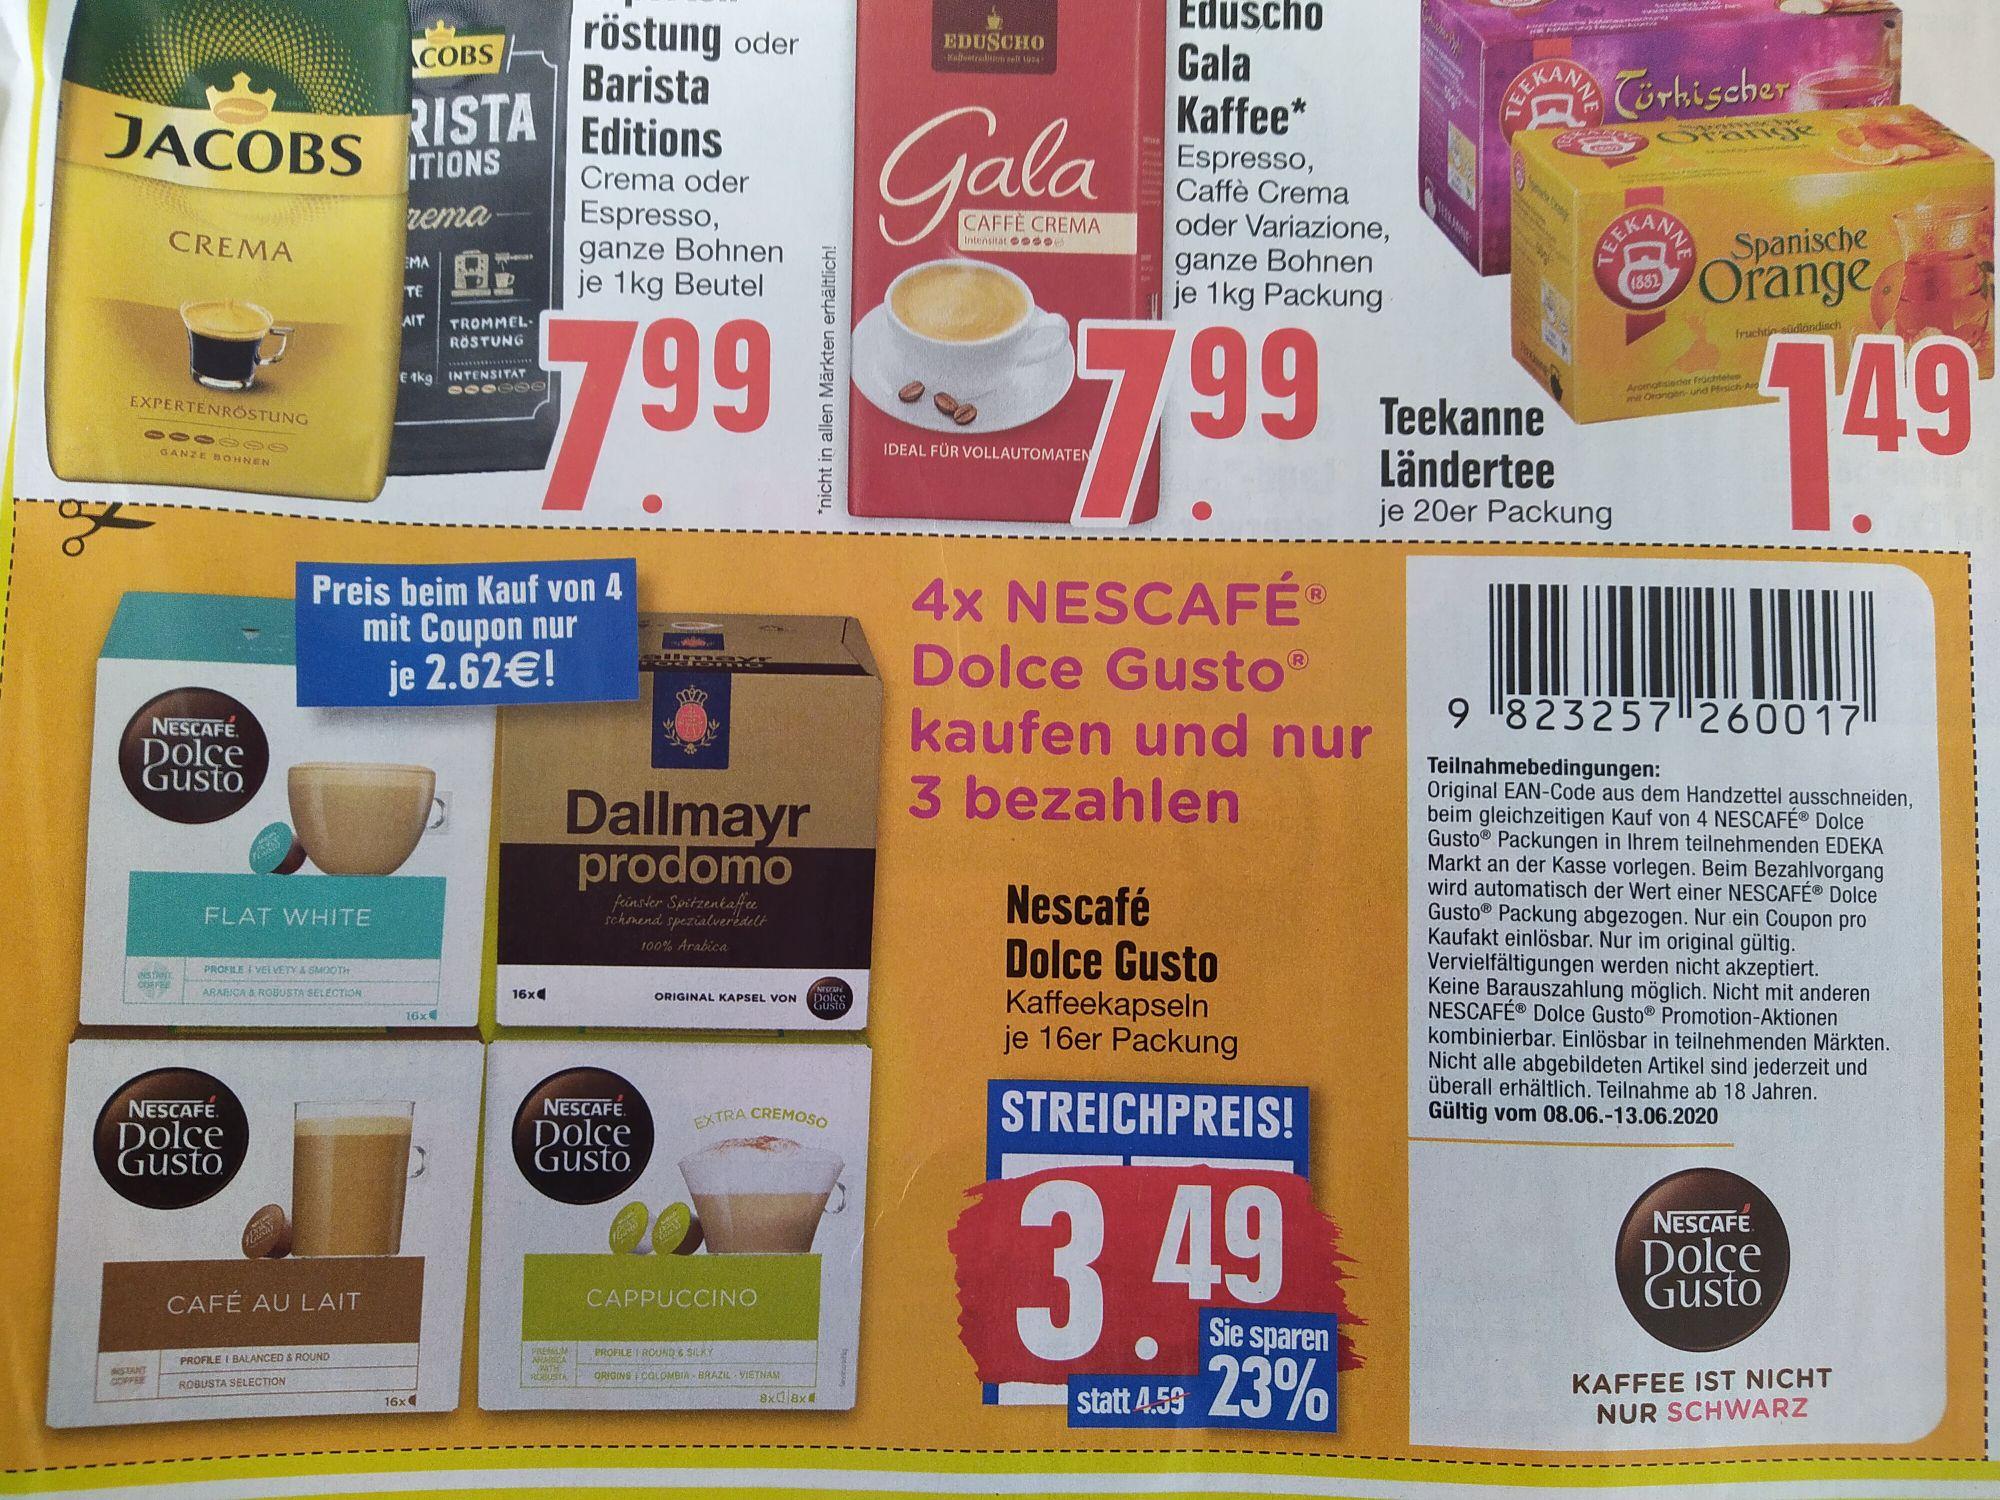 [Edeka] [LOKAL] [Südbayern, Minden, ggf. auch woanders] Dolce Gusto Kapseln 4 für 3 / 2,62€/Packung